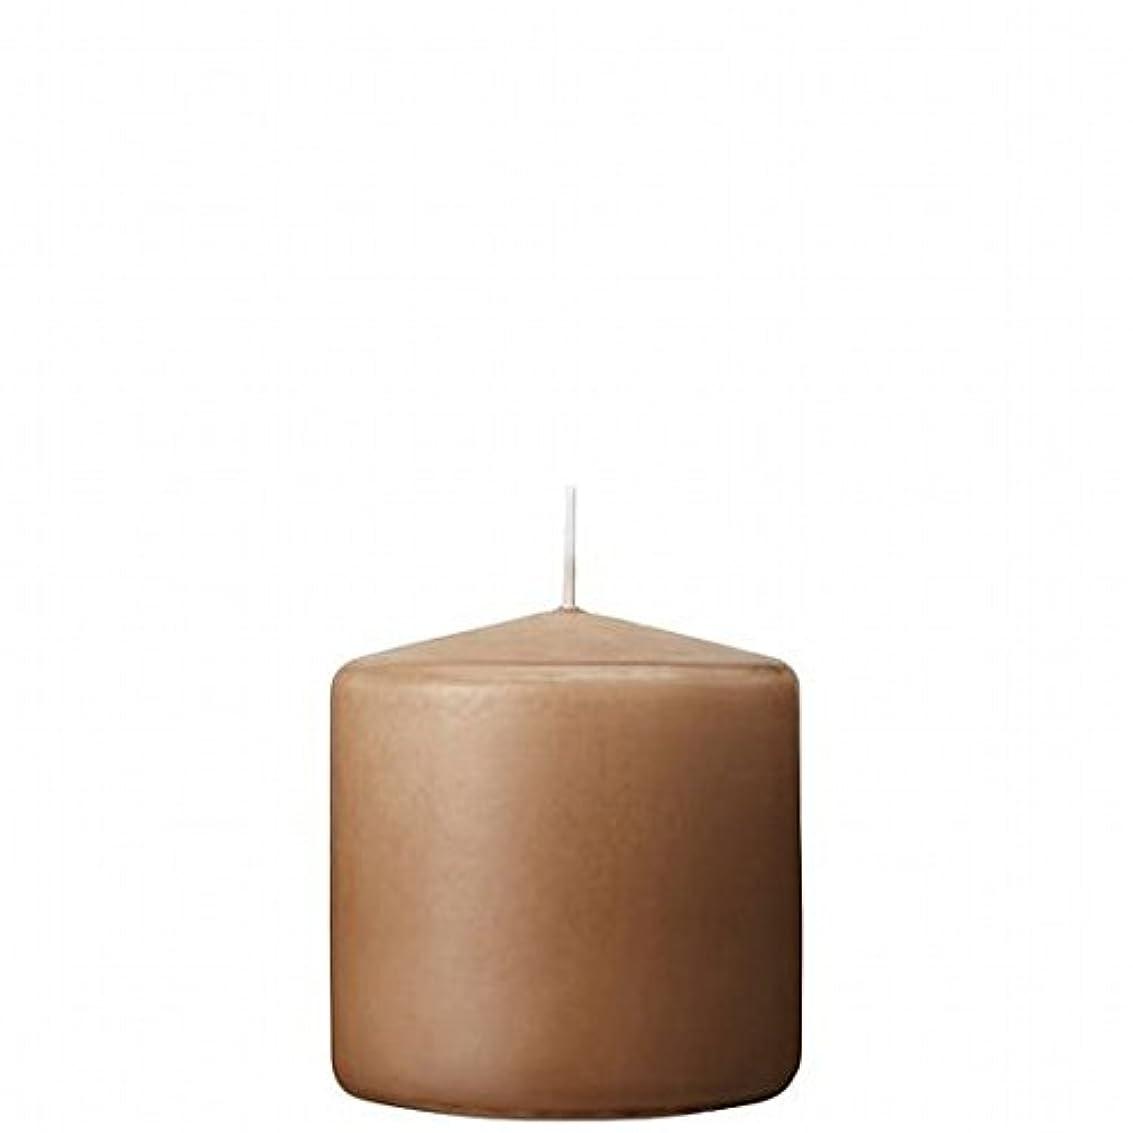 上へ焦げ鼻kameyama candle(カメヤマキャンドル) 3×3ベルトップピラーキャンドル 「 モカ 」(A9730000MO)